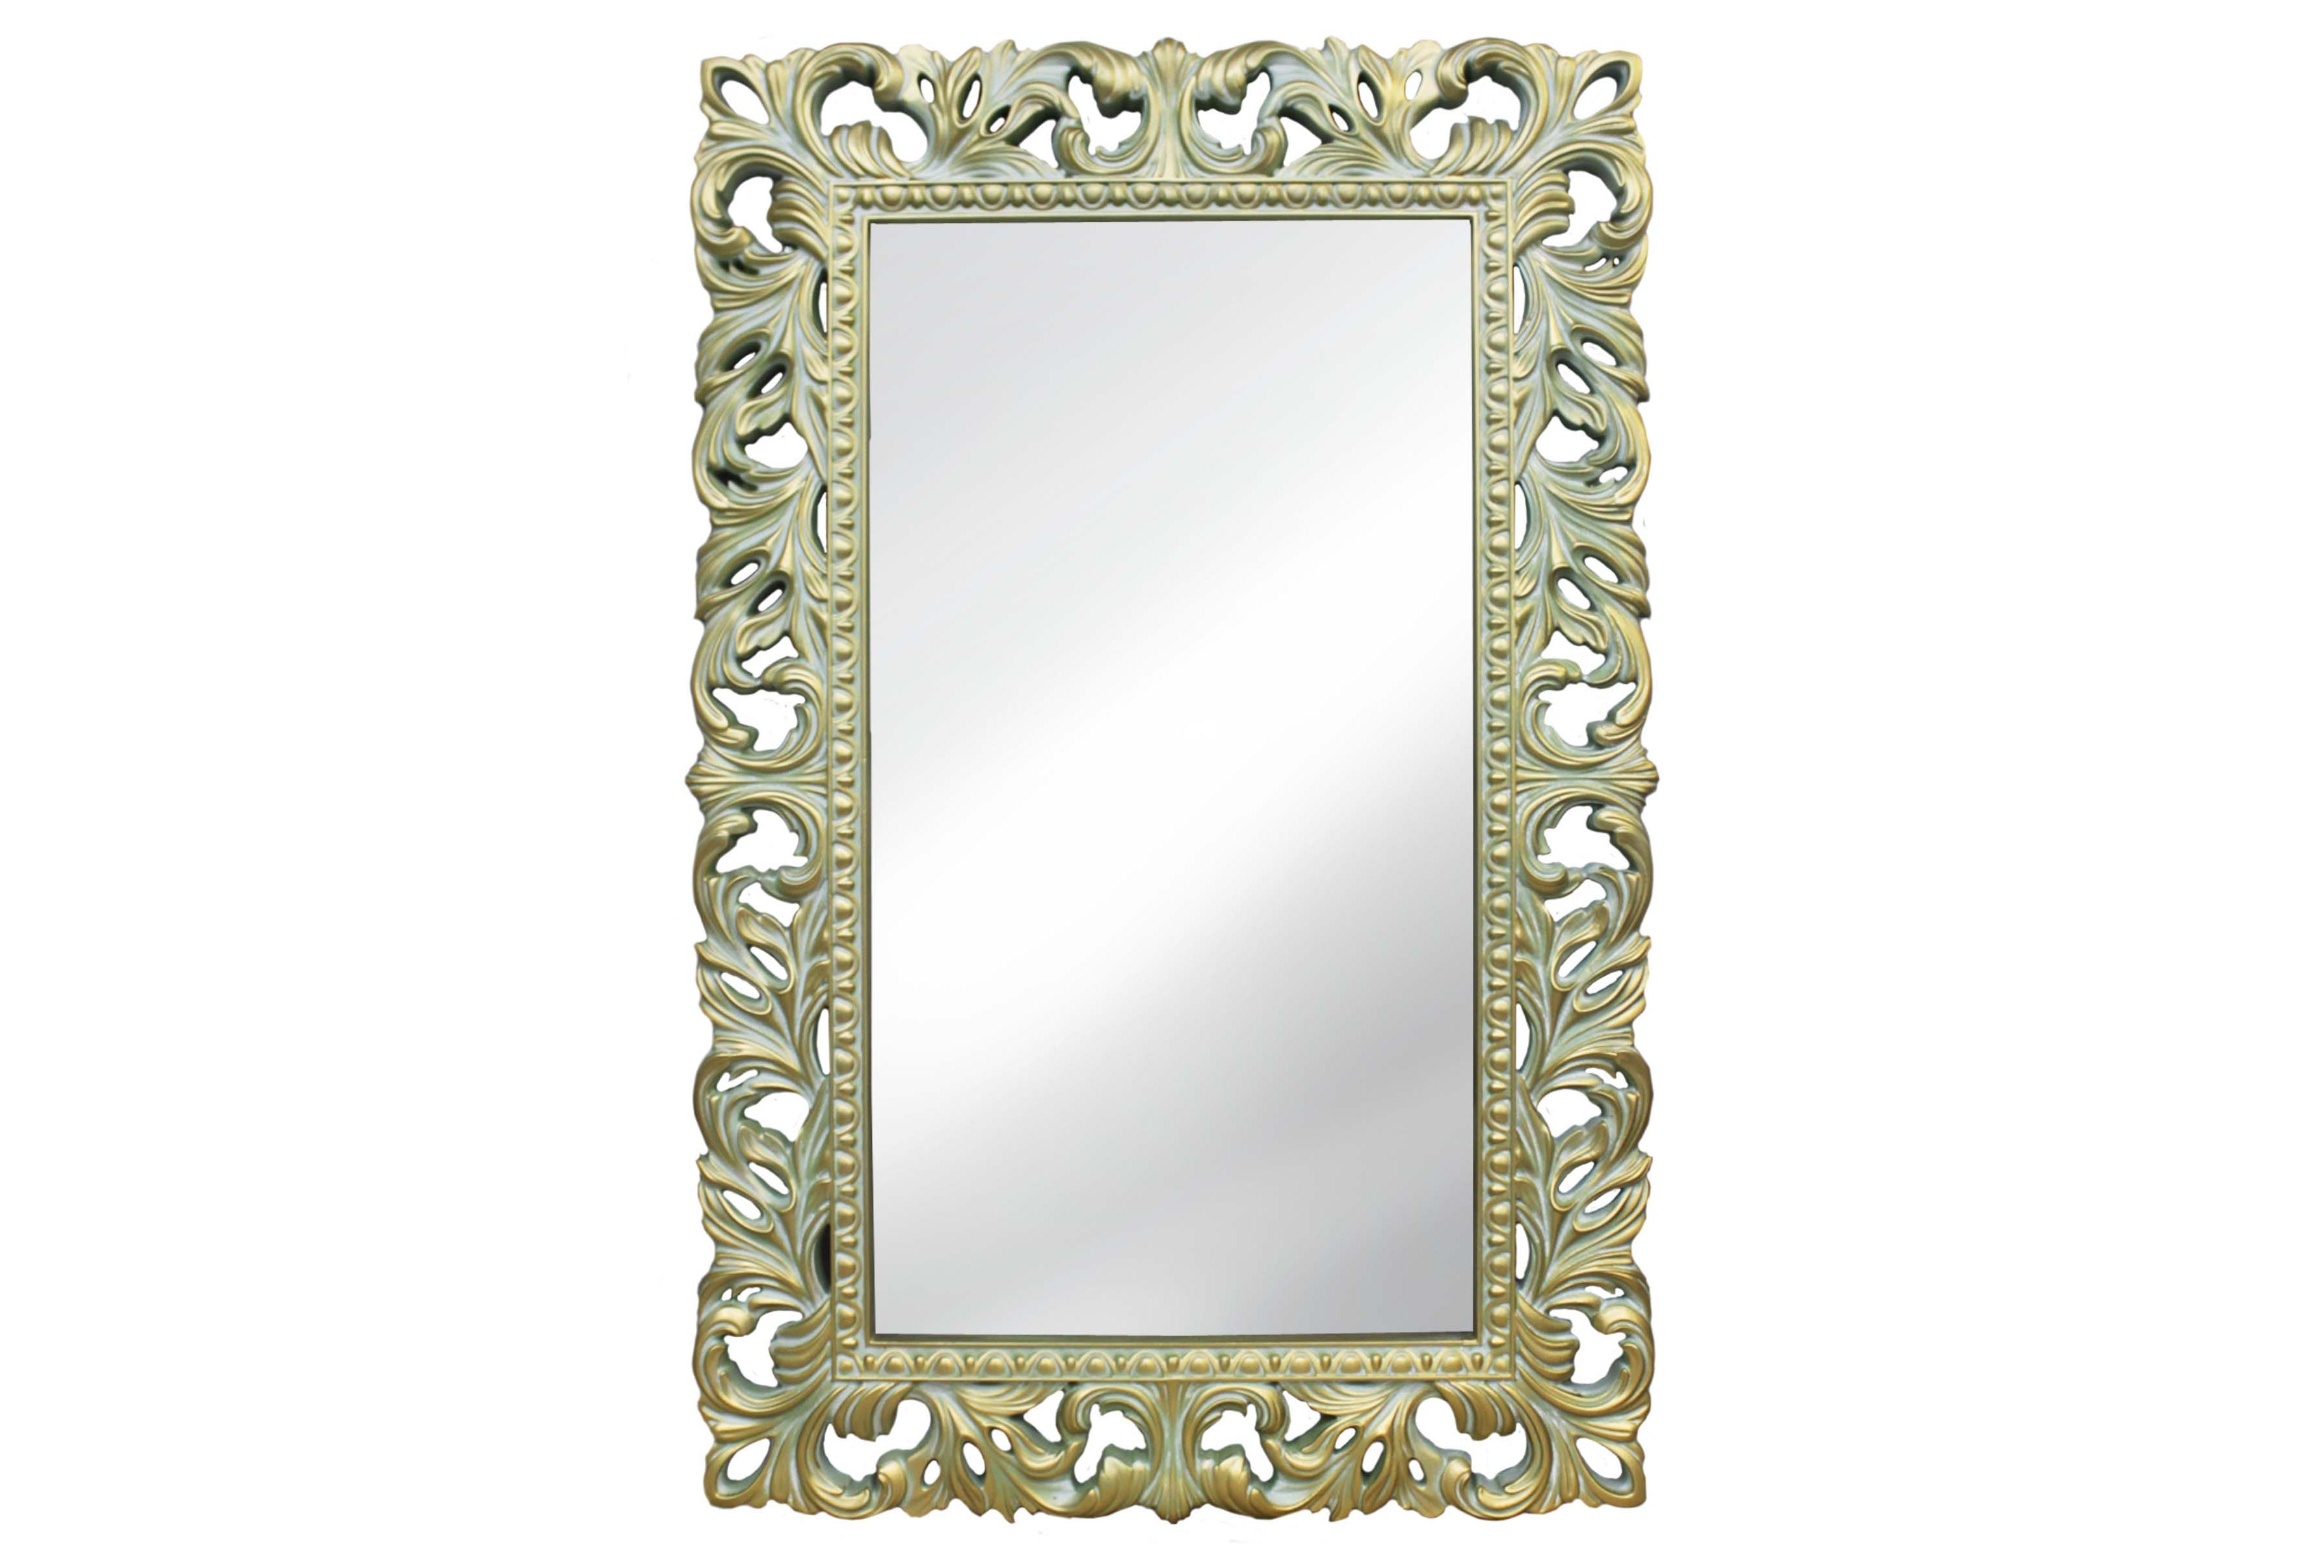 Интерьерное Итальянское зеркалоНастенные зеркала<br>Это зеркало в резной винтажной раме выделяется очень нежным, мягким цветовым решением. Сочетание светлого оливкового оттенка с благородной патиной дополняет роскошная позолота. Рама выполнена из полиуретана ? достаточно жесткого и долговечного, ставшего в короткий срок любимым материалом известных мастеров. Поверхность влагоустойчива, поэтому зеркало можно повесить в ванной.&amp;lt;div&amp;gt;&amp;lt;span style=&amp;quot;line-height: 37.5374px;&amp;quot;&amp;gt;Исполнение: Олива Золото Патина&amp;lt;/span&amp;gt;&amp;lt;/div&amp;gt;<br><br>Material: Полиуретан<br>Length см: None<br>Width см: 63<br>Depth см: 4<br>Height см: 95